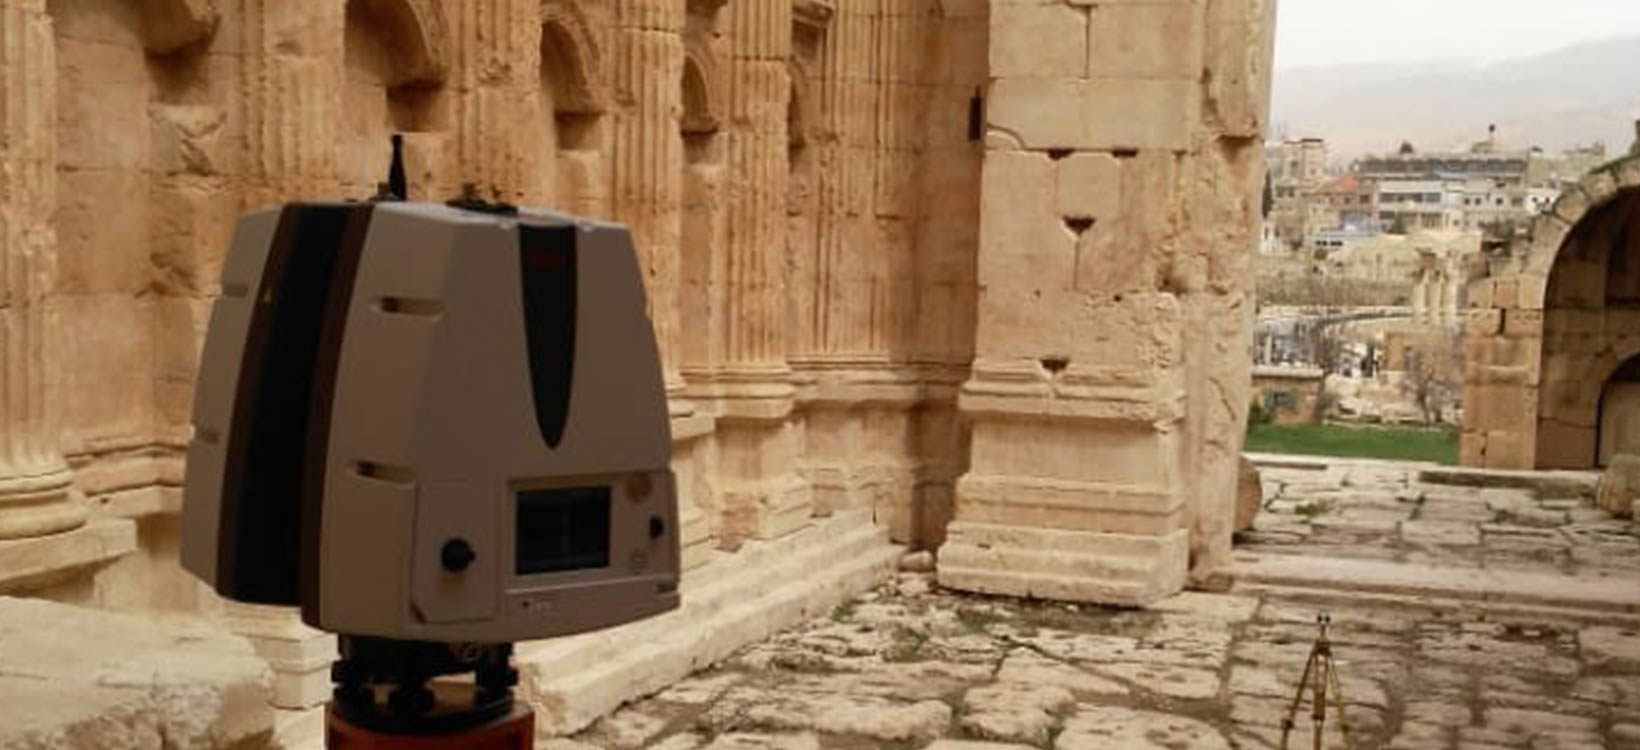 Ứng dụng 3D scanning vào bảo tồn di tích